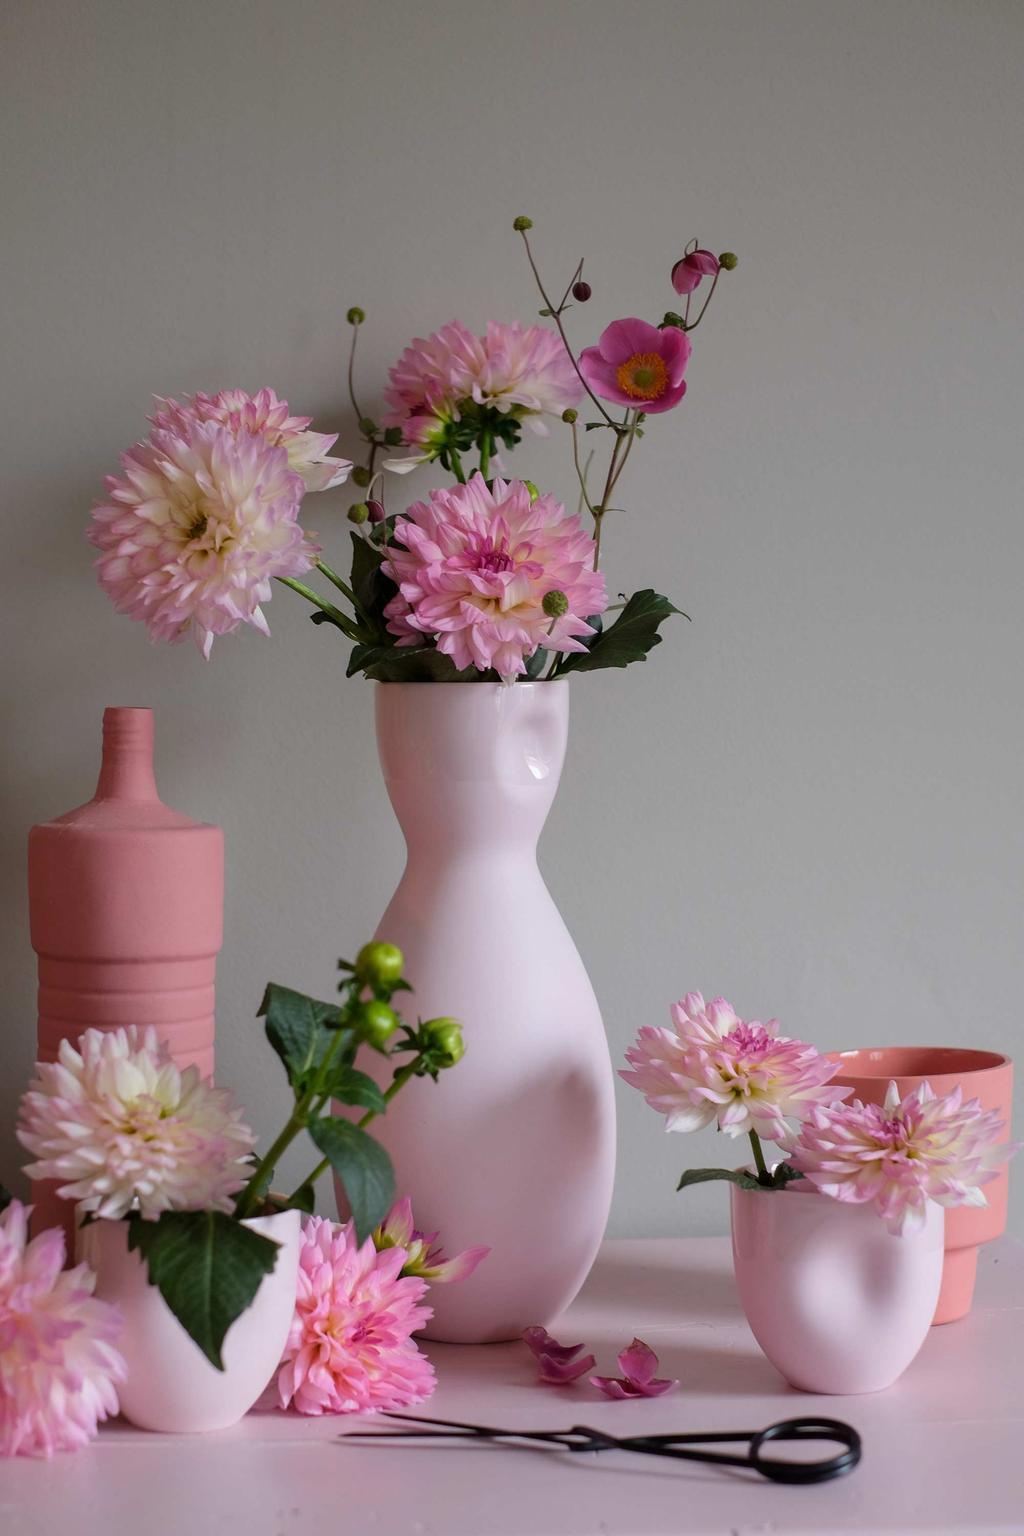 Duurzaam porselein en roze bloemen van PRCHTG